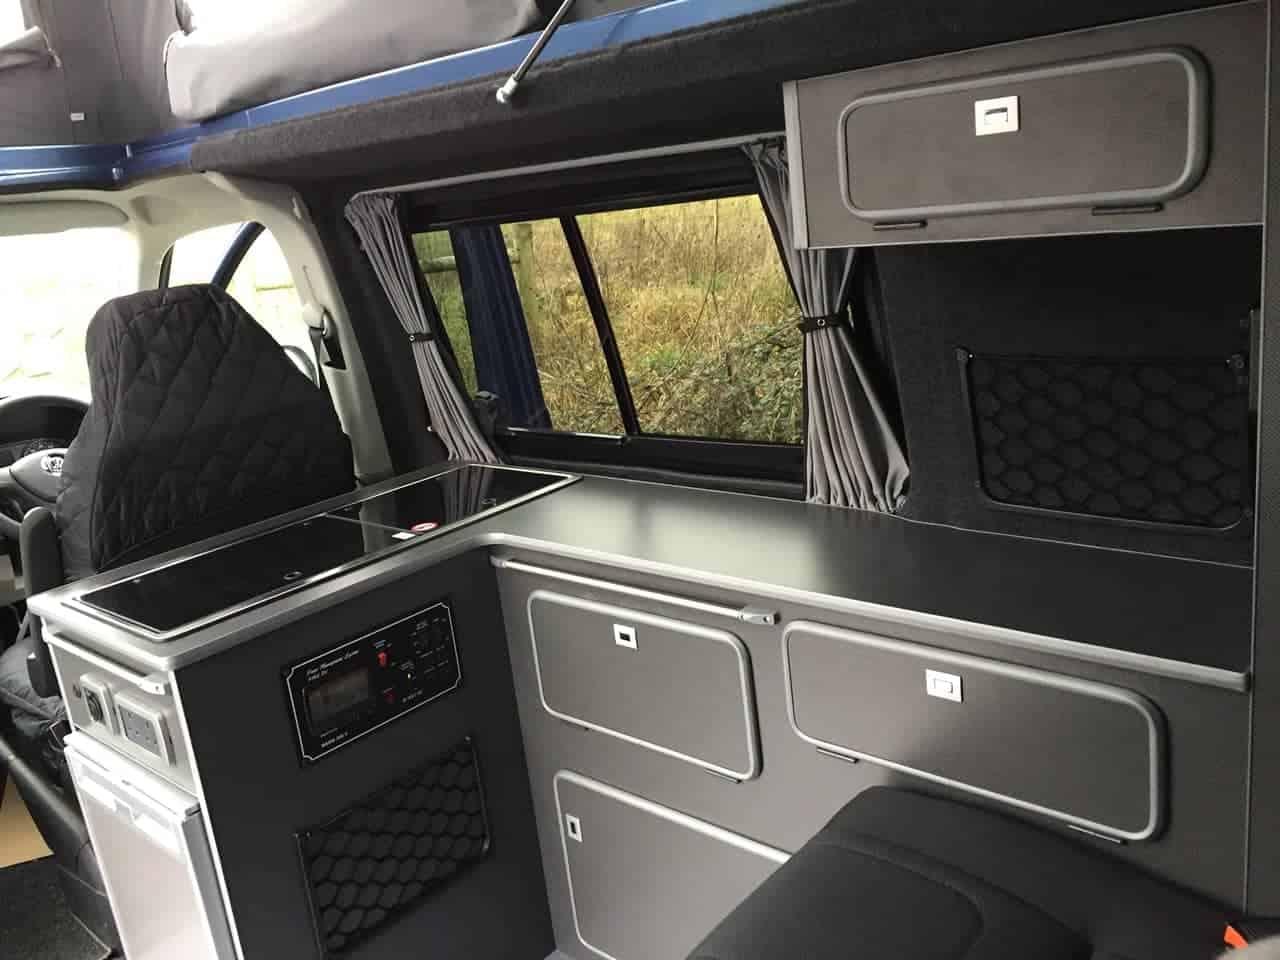 Renault Trafic Camper Van Conversion, Vivaro Camper Conversion